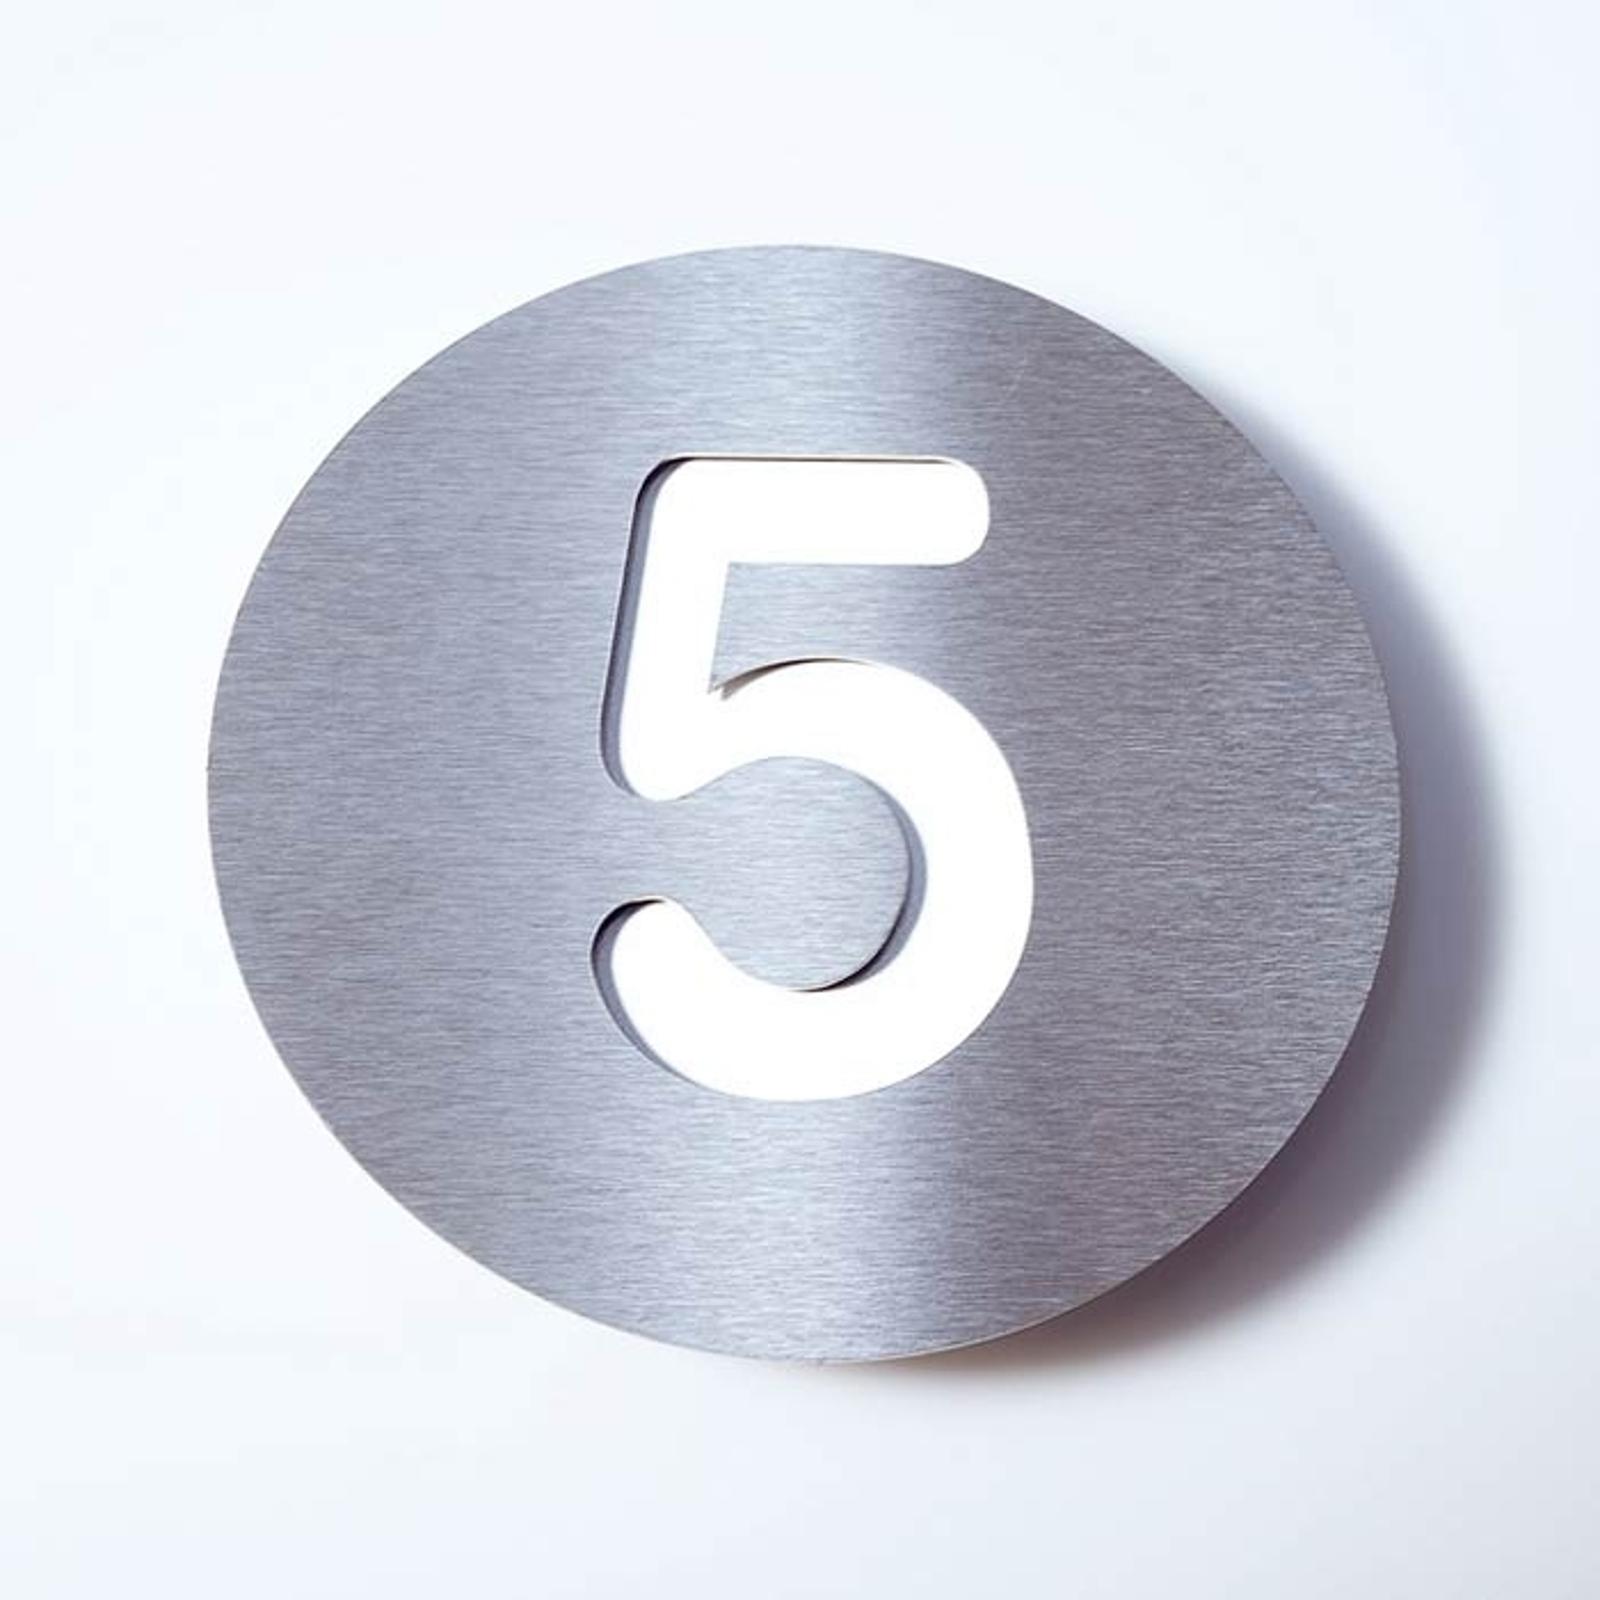 Numéro de maison Round en inox  - 5